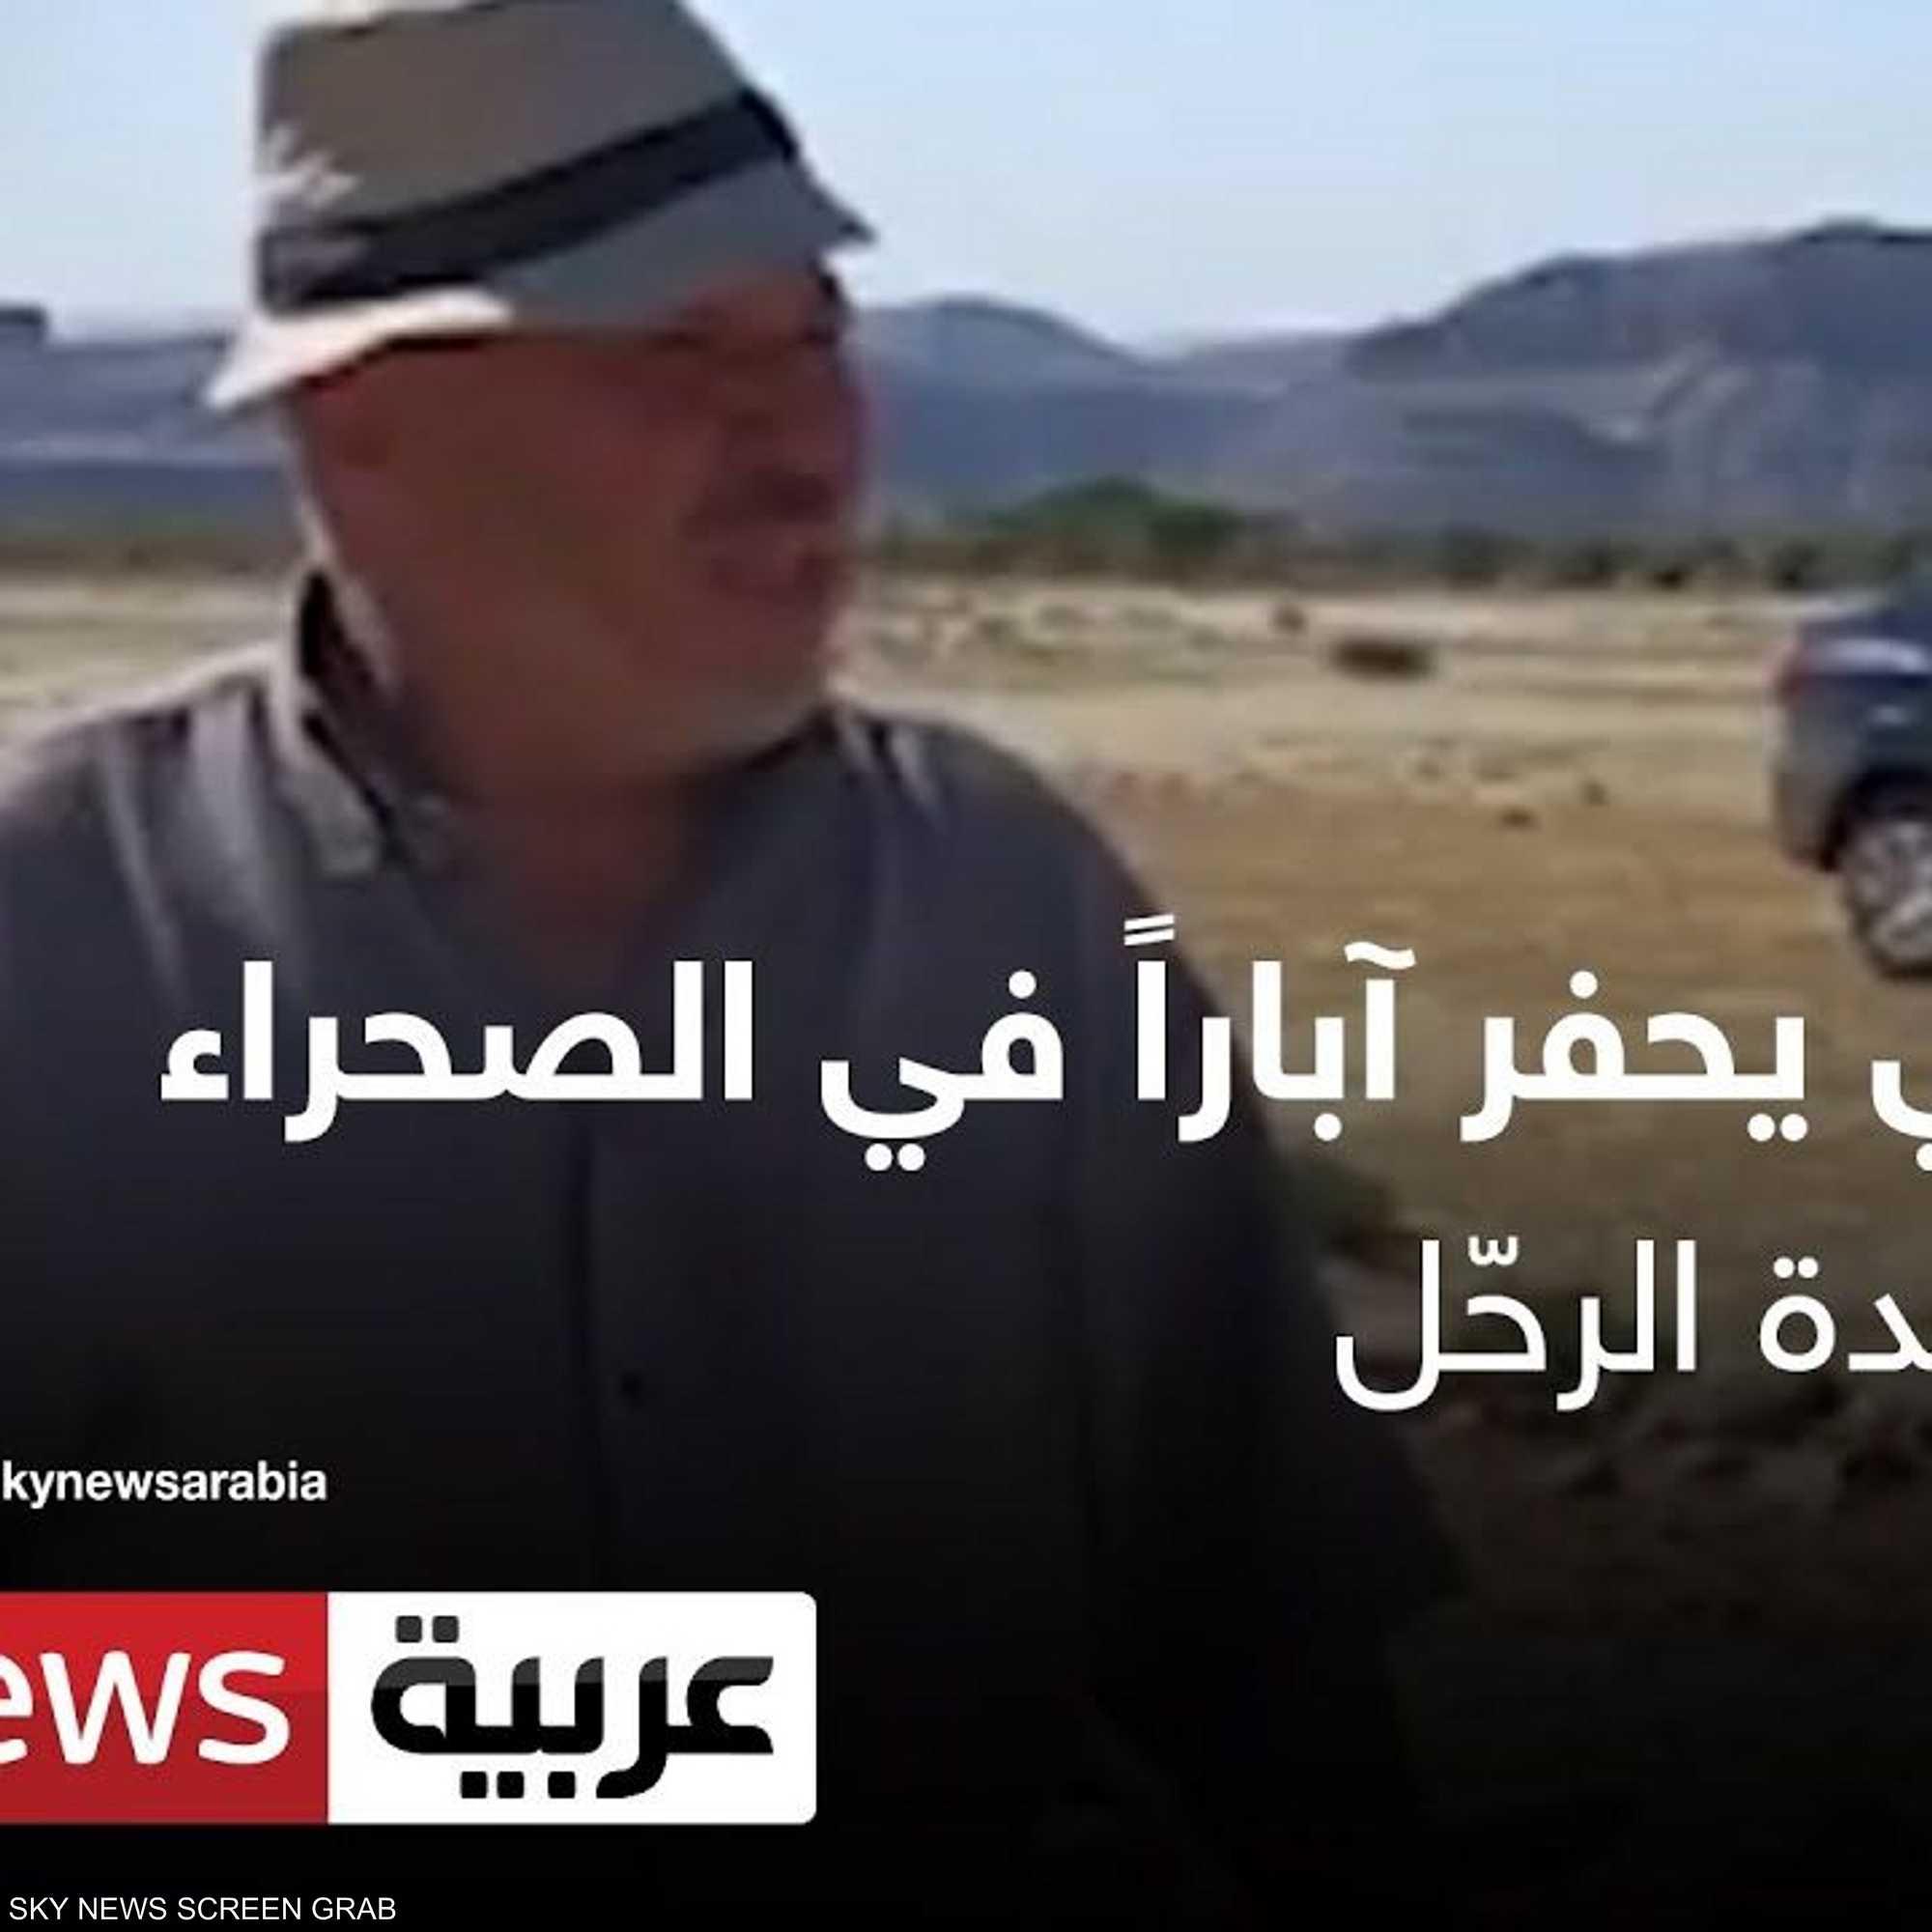 مغربي يحفر آبارا في الصحراء لمساعدة الرحّل